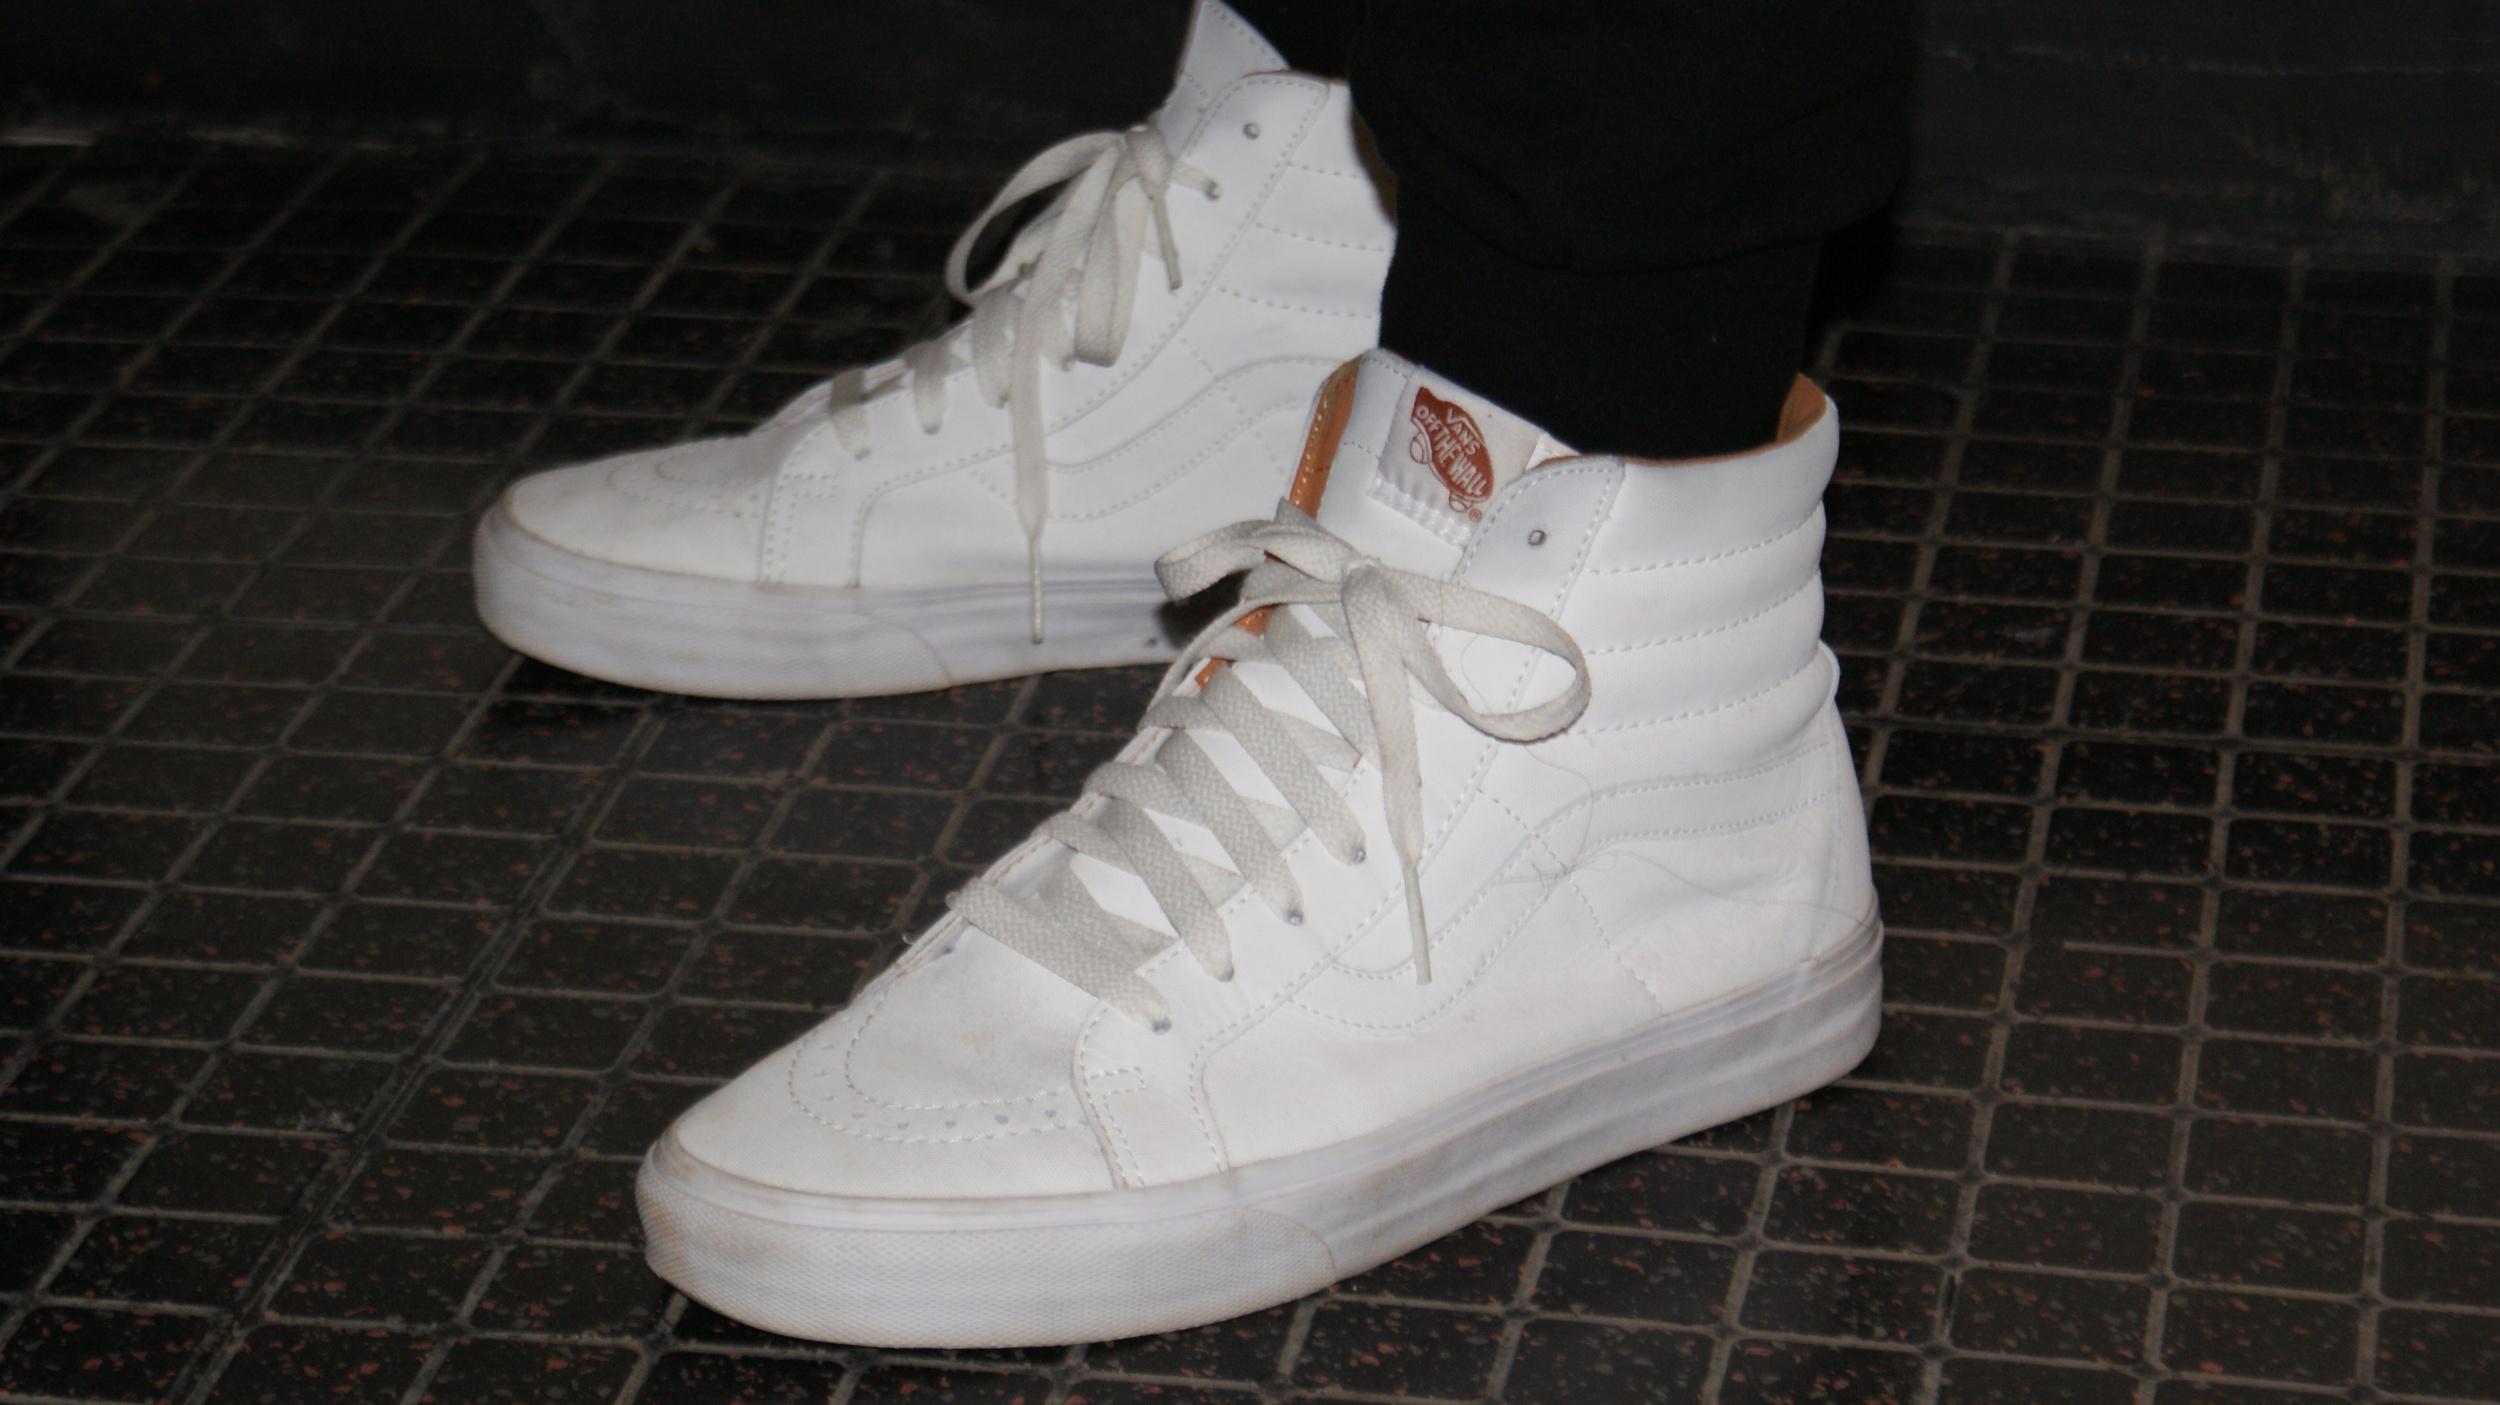 33bcdd285e Shoe Review  Vans Sk8-Hi